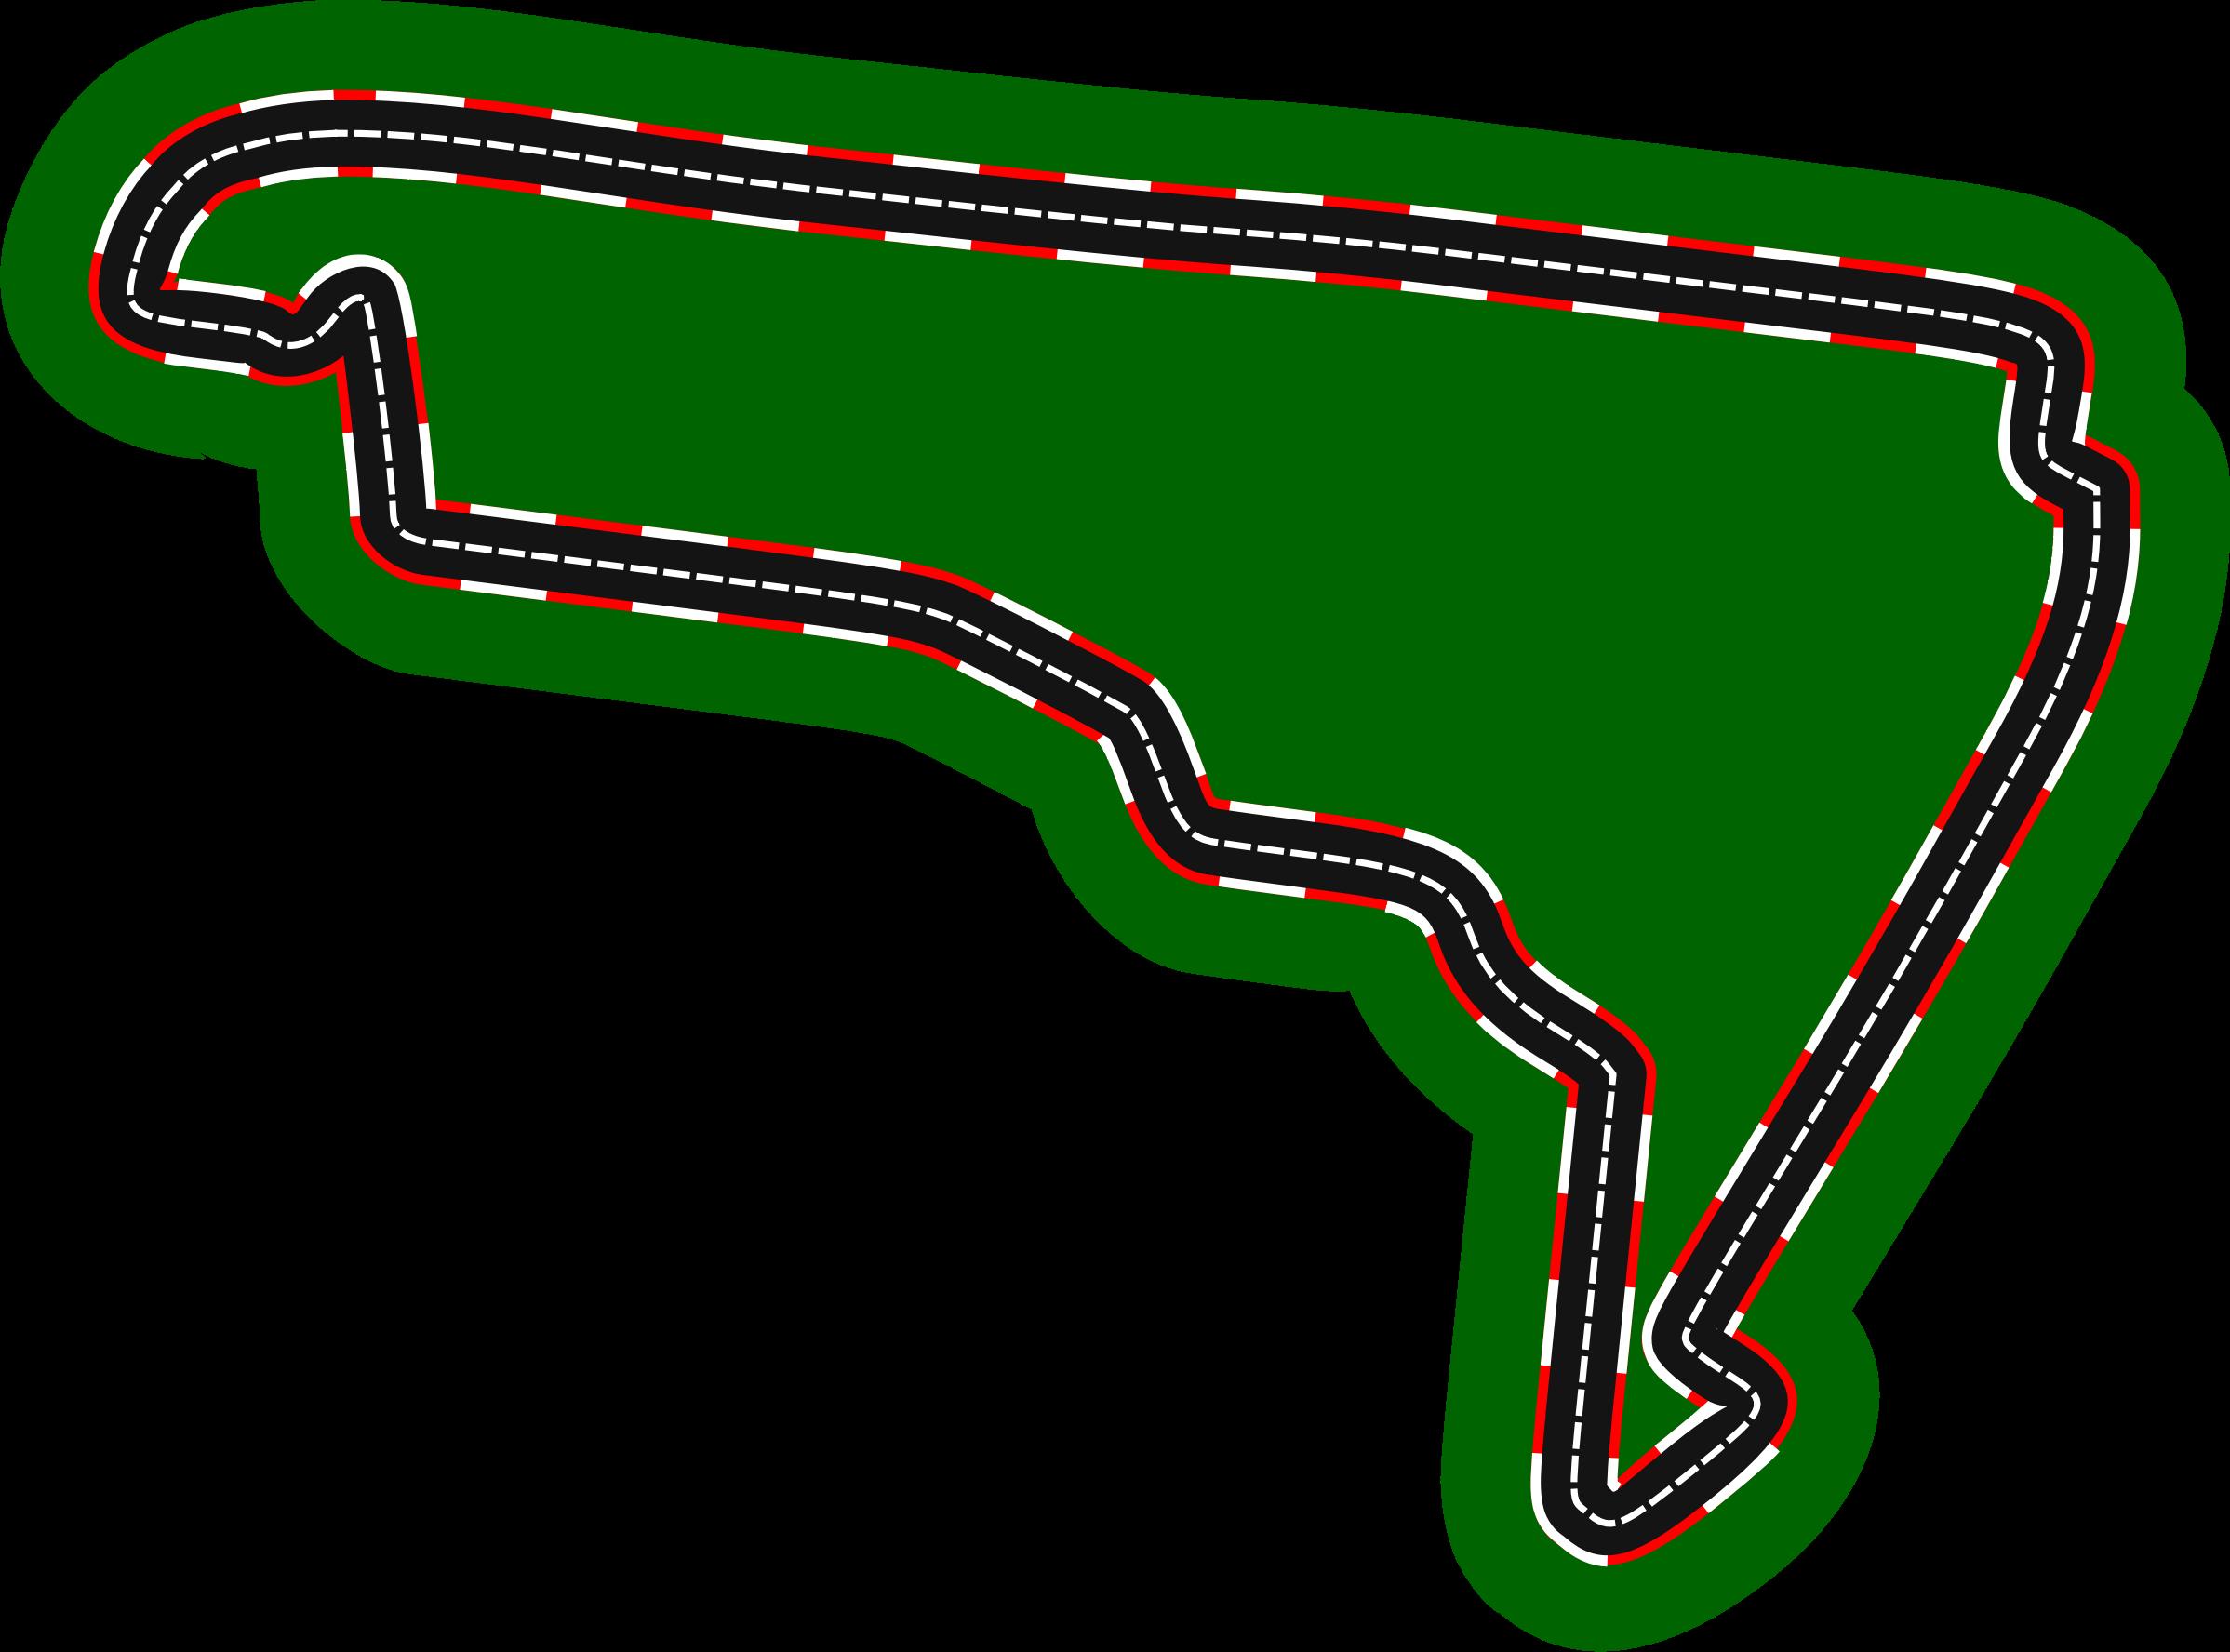 Race clipart racecourse. F circuits aut dromo